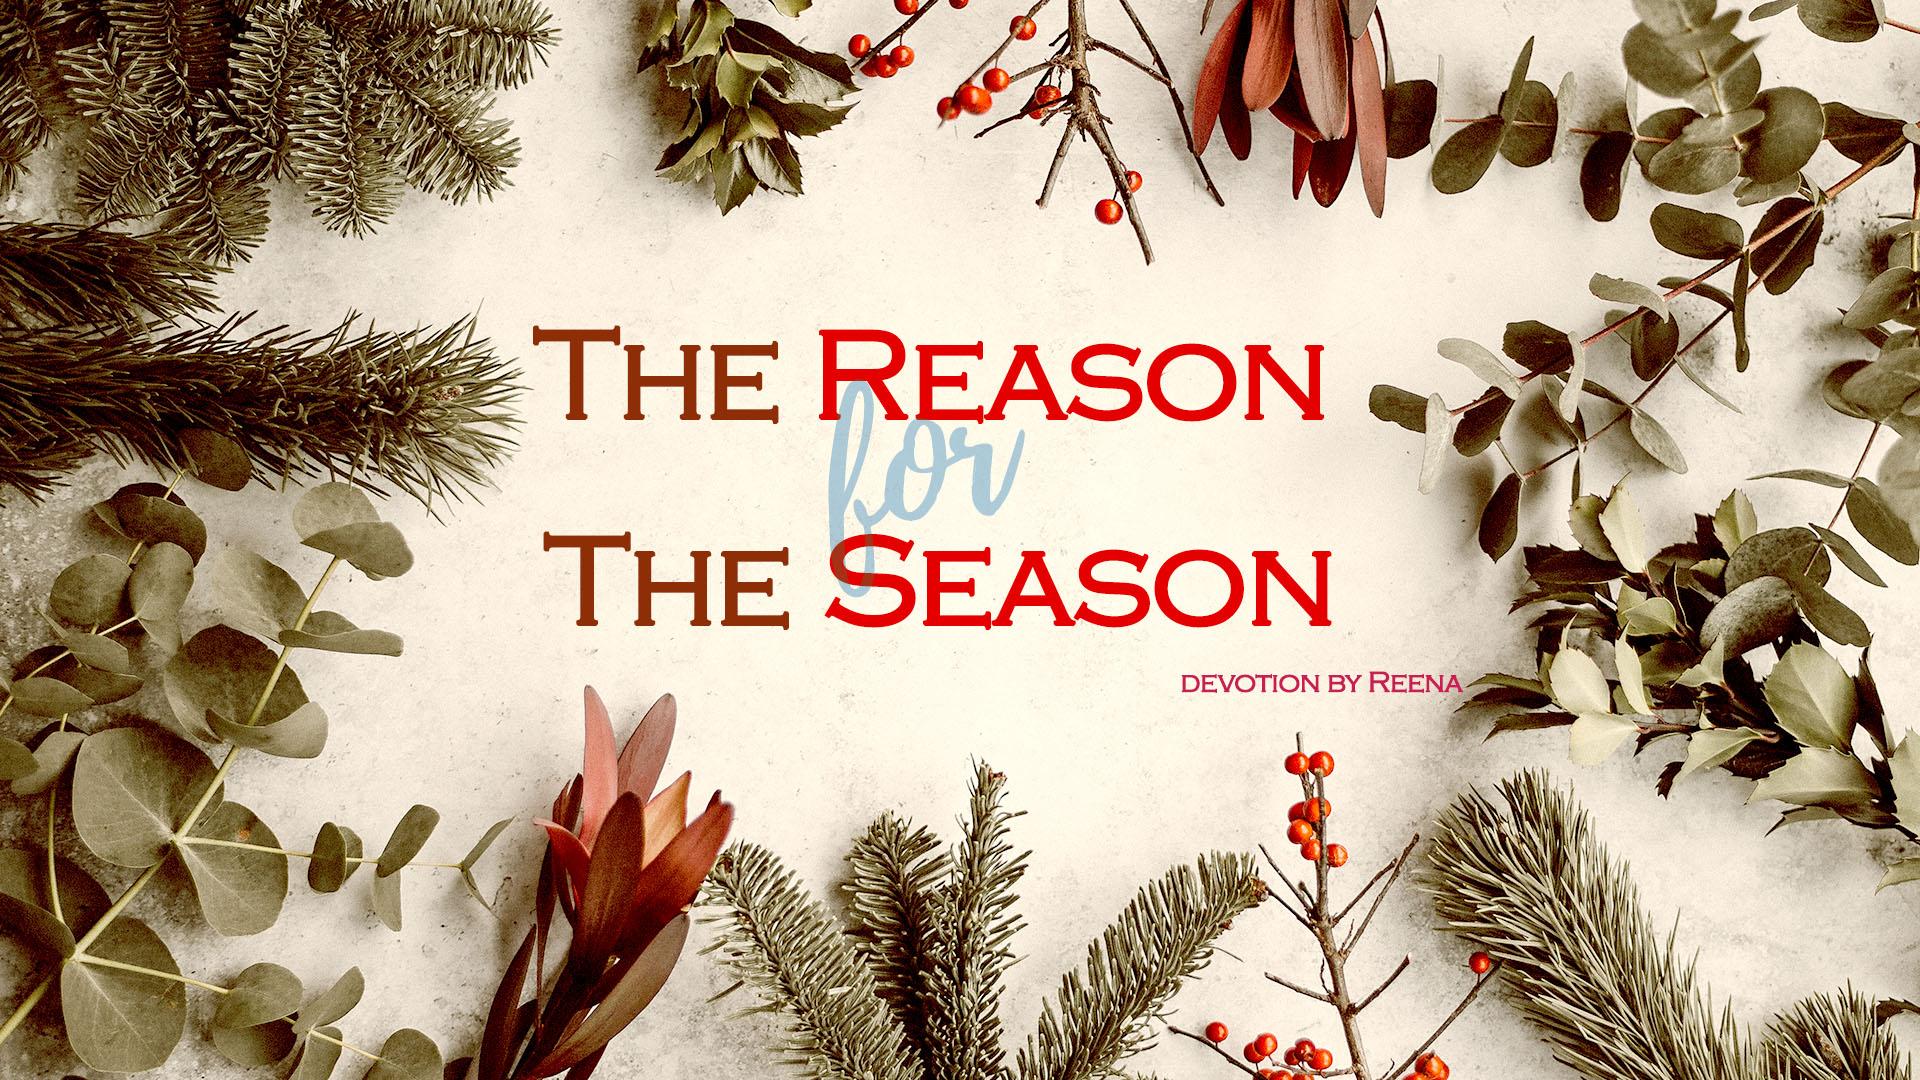 reason devotion